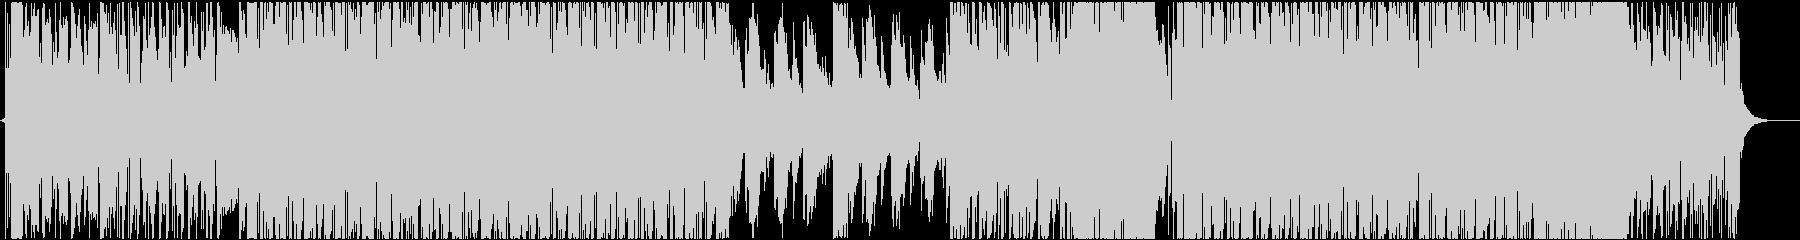 EDM系 カッコいいファンクギターBGMの未再生の波形